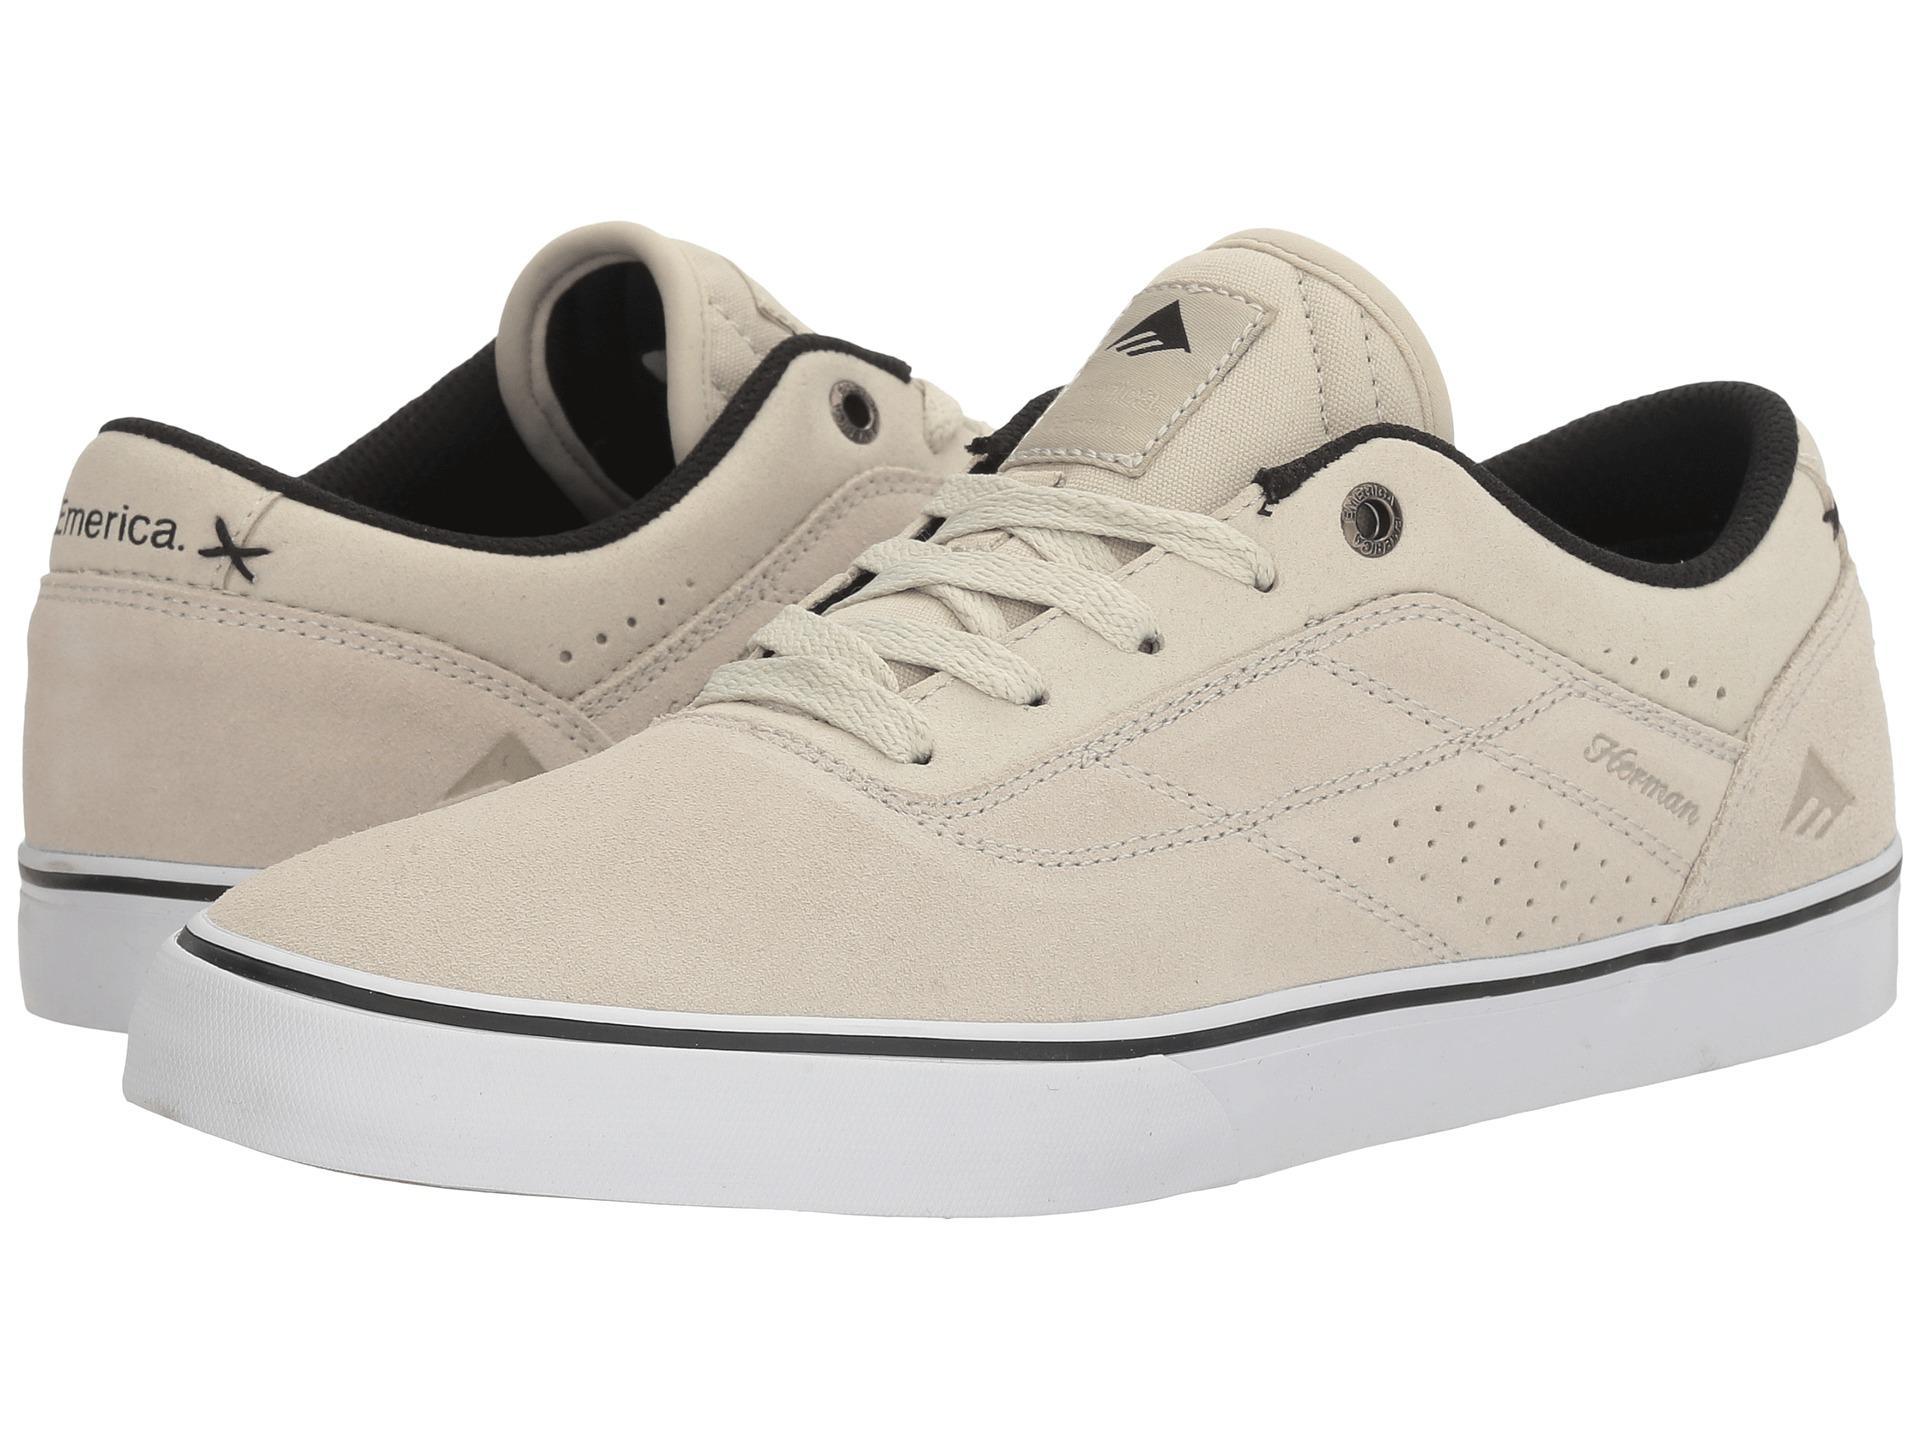 Emerica The Herman G6 Vulc Dark Grey//White Shoe